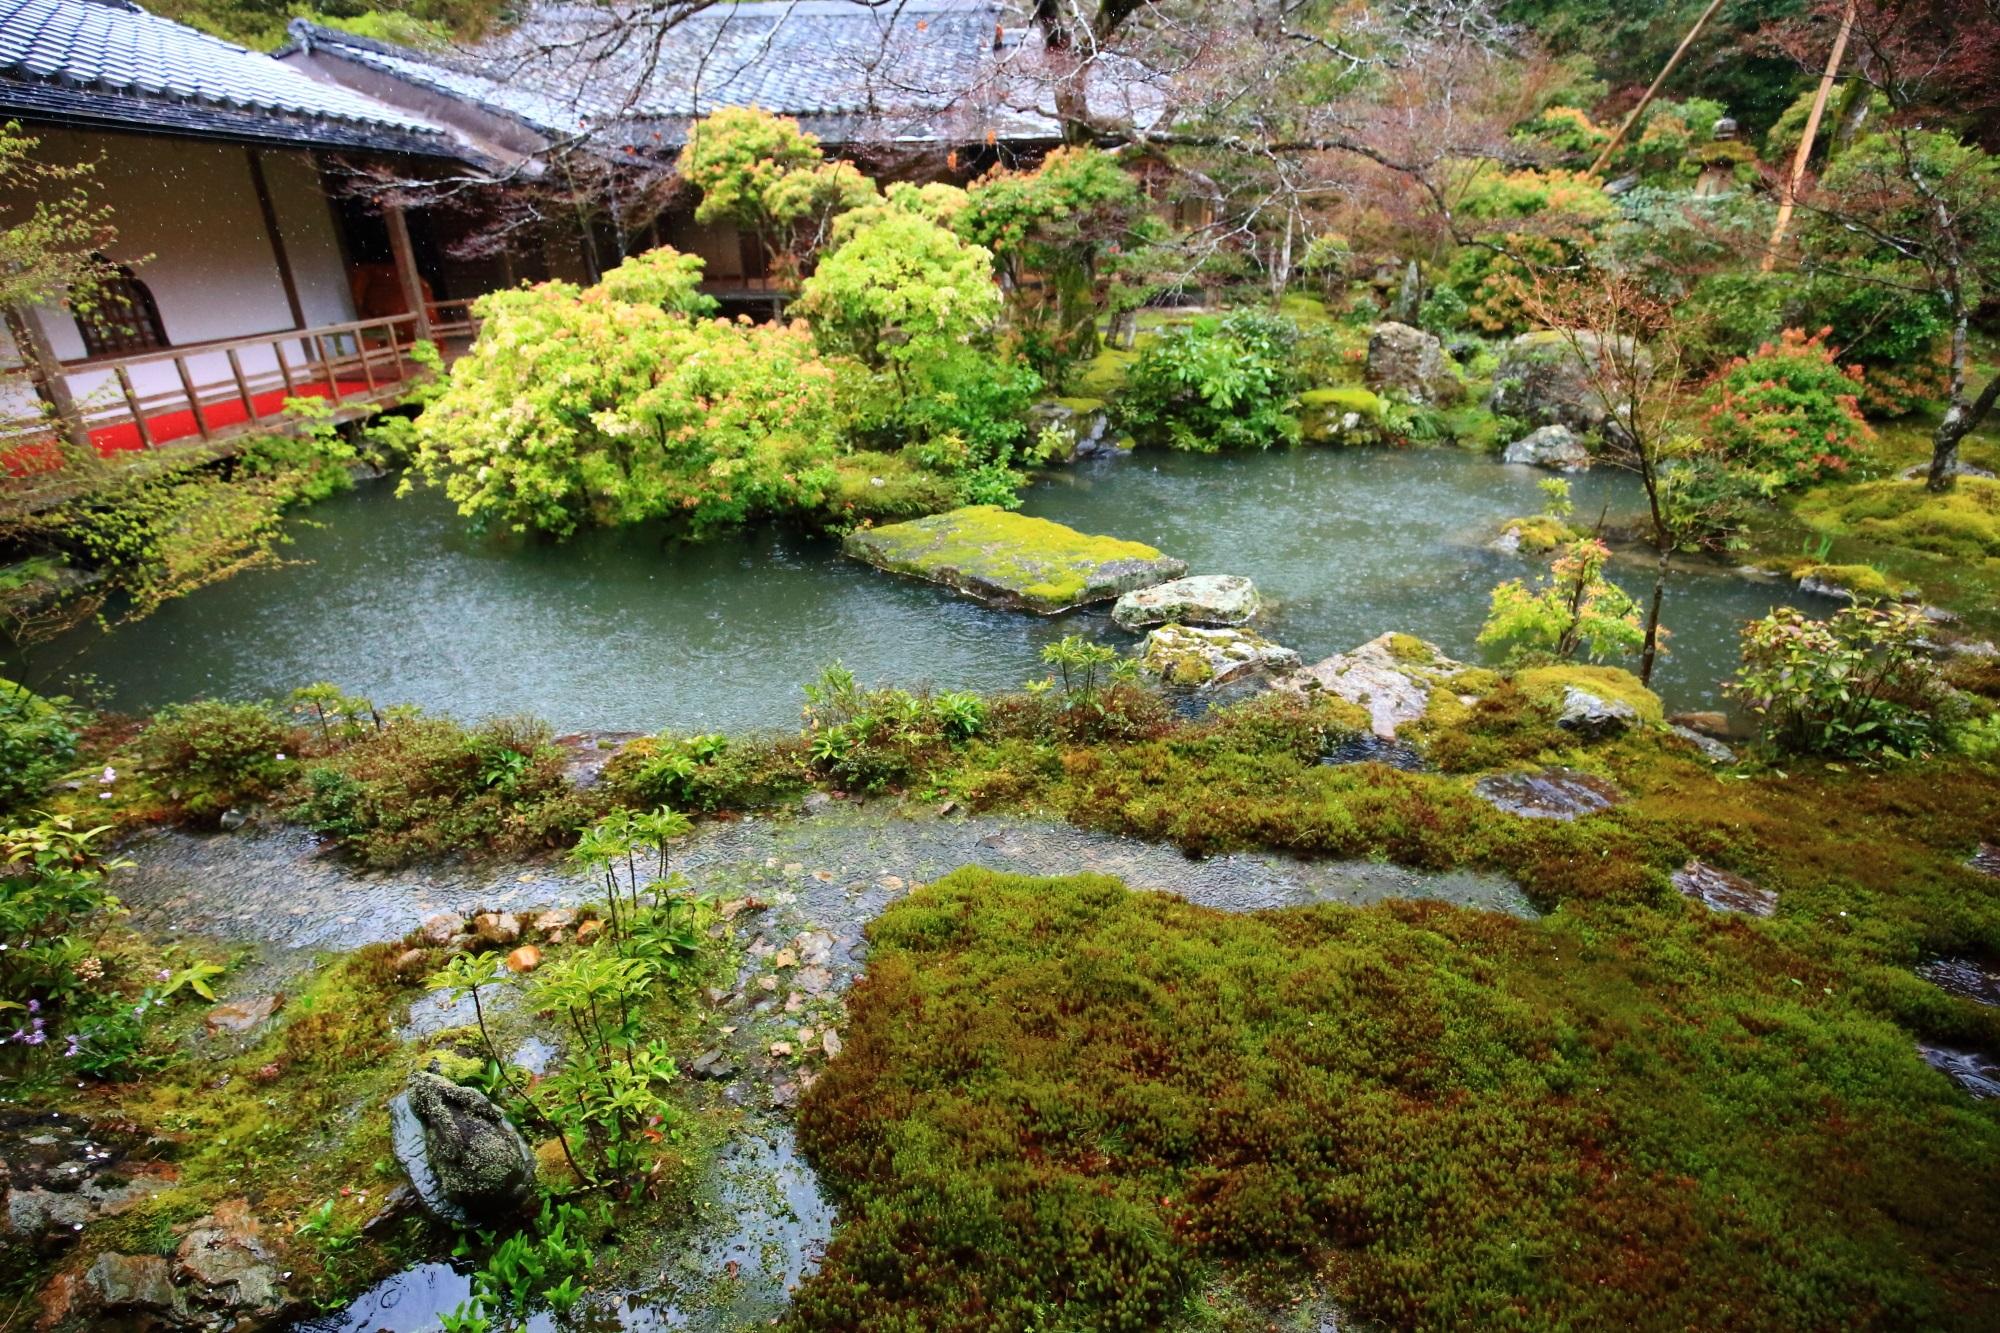 苔や多種多様な緑が美しい実相院の池泉式庭園